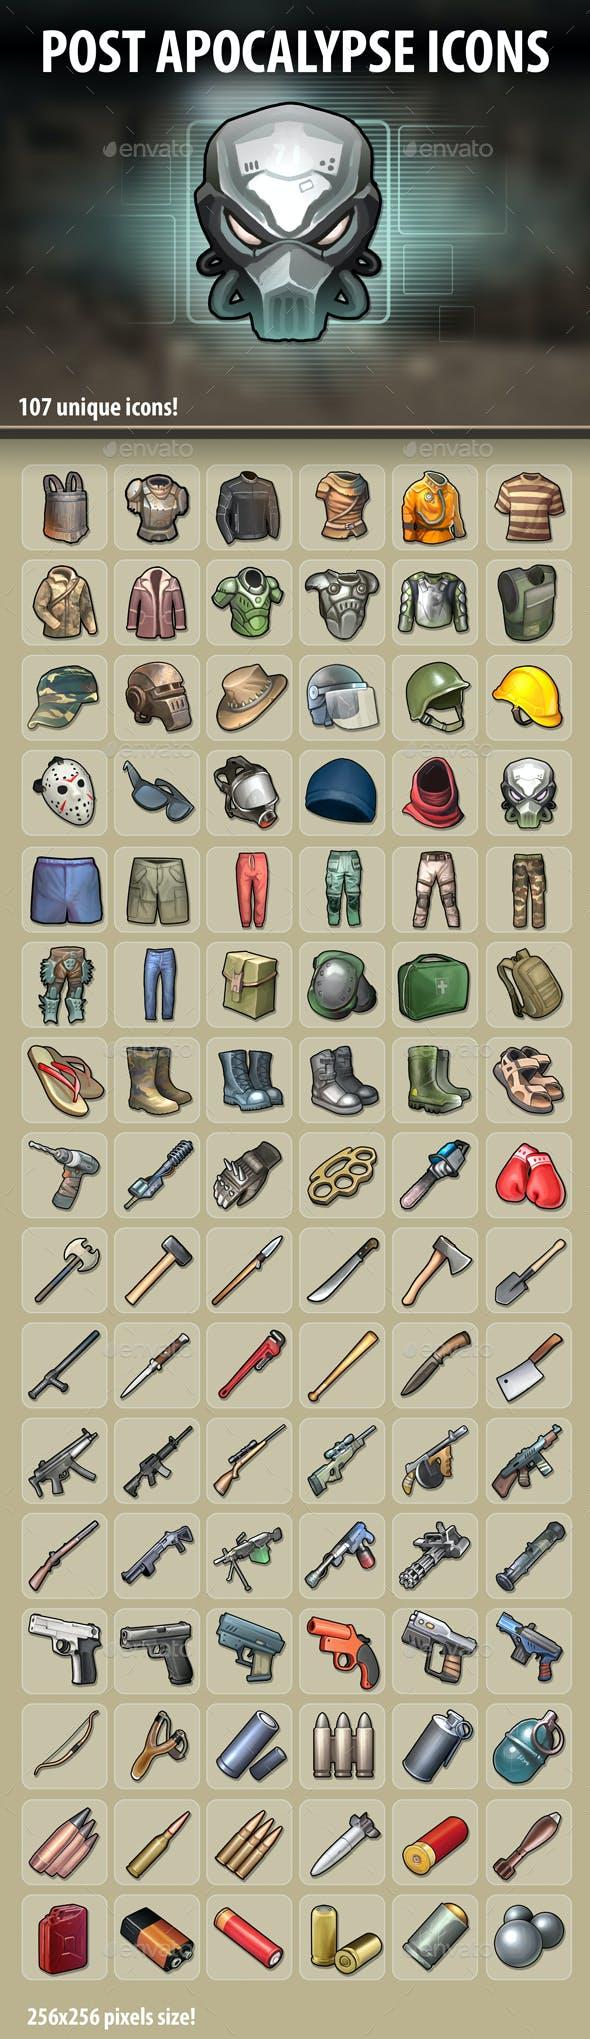 Post Apocalypse Icons